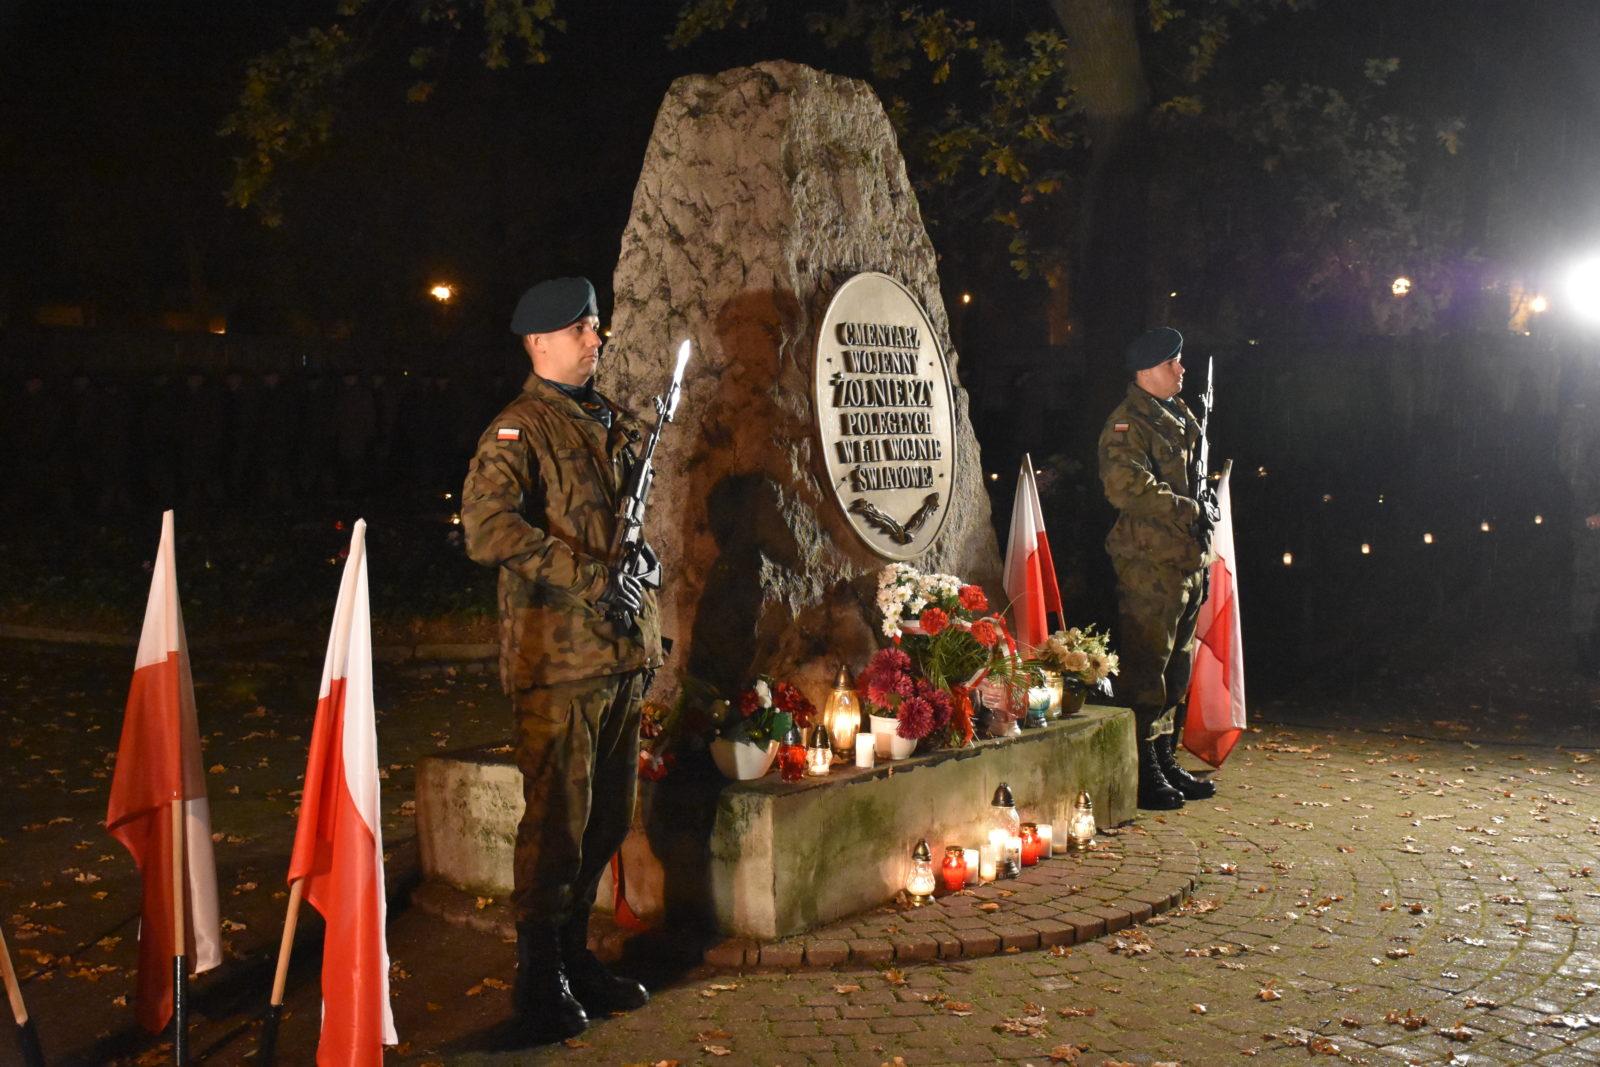 Dwóch żołnierzy stoi pod pomnikiem żołnierzy poległych.